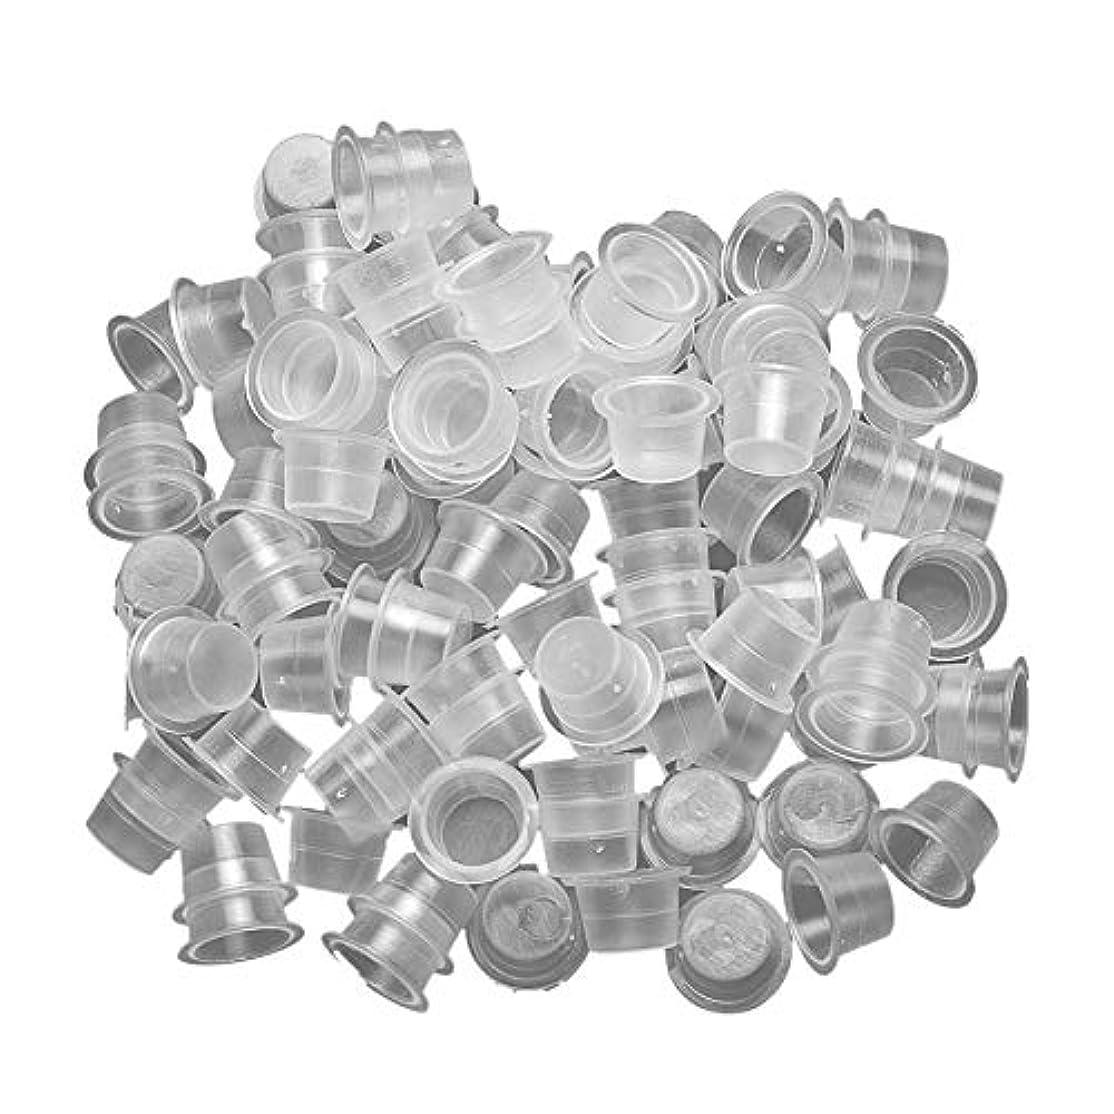 藤色ナンセンス学ぶ入れ墨キャップ カップ 約1000個 使い捨てプラスチック 入れ墨顔料カップ